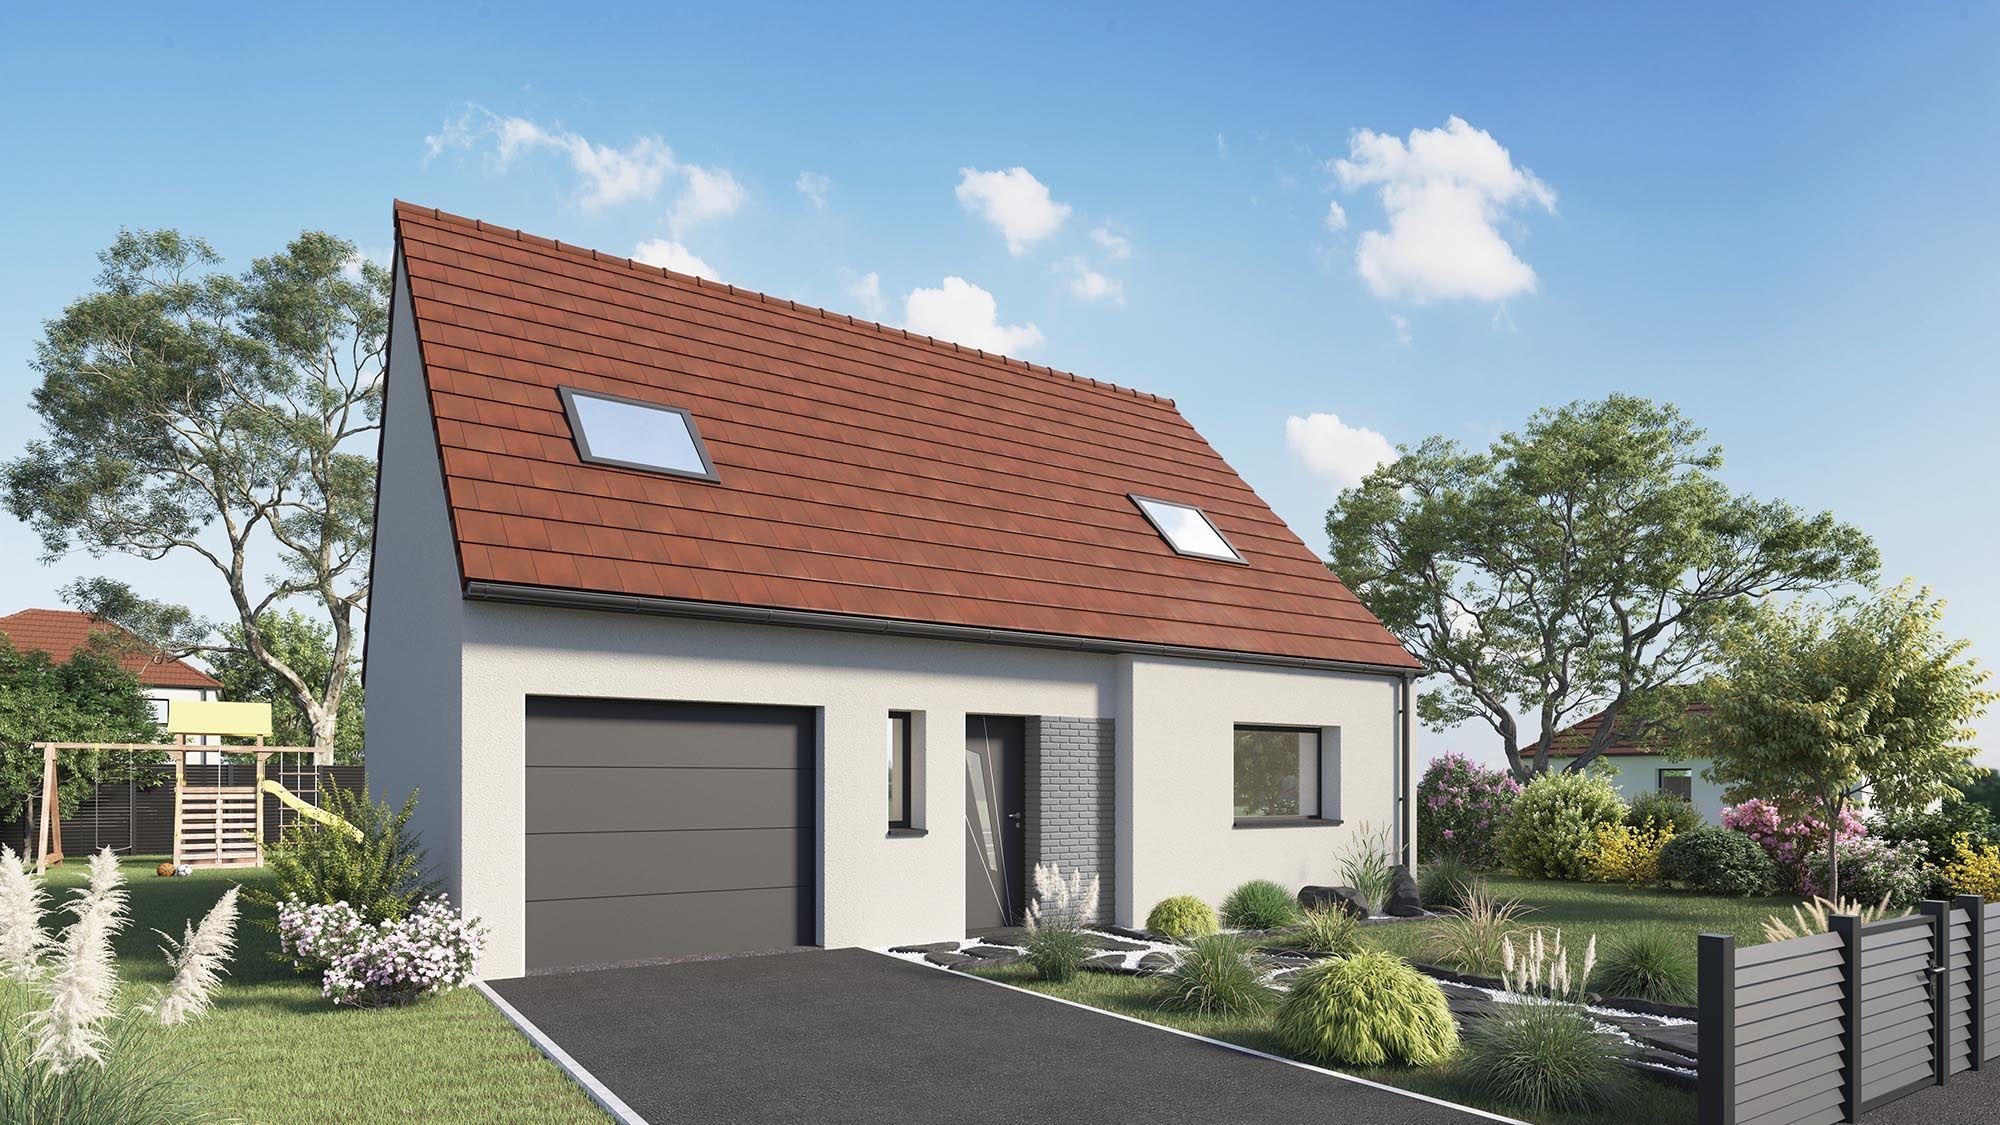 Votre maison + terrain à Ailly-sur-Noye (80)